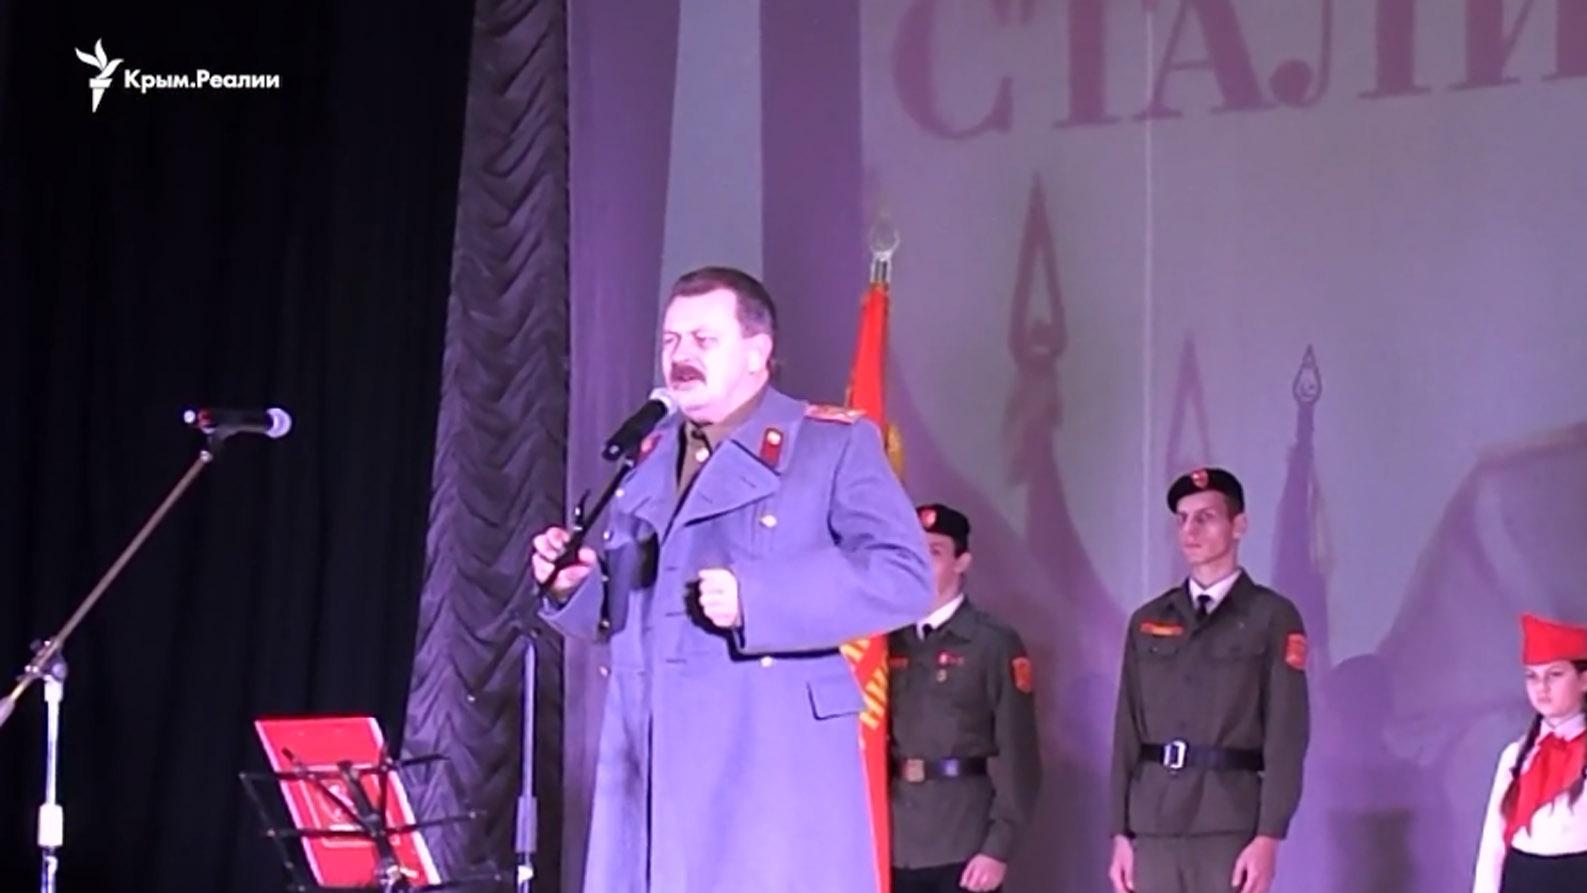 Севастополь: коммунисты приняли детей впионеры ихором спели «Верните Сталина»